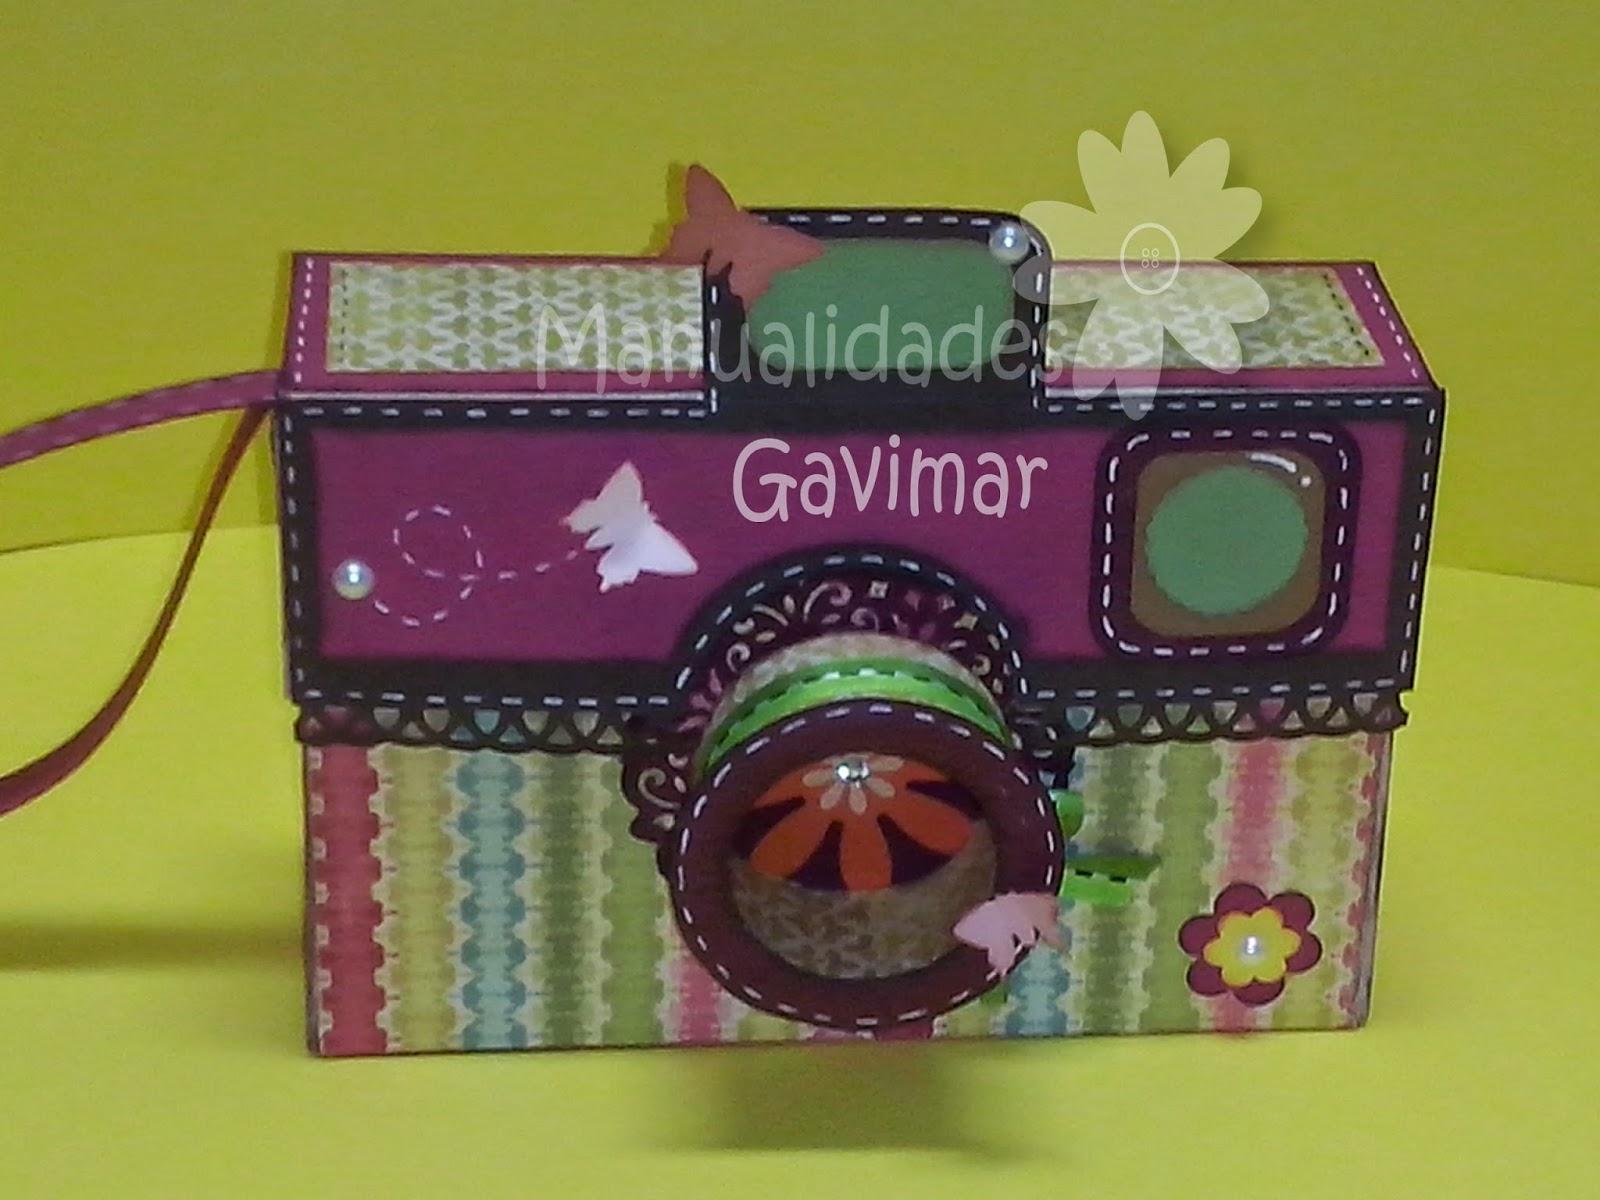 Manualidades gavimar camara fotografica for Regalo camera